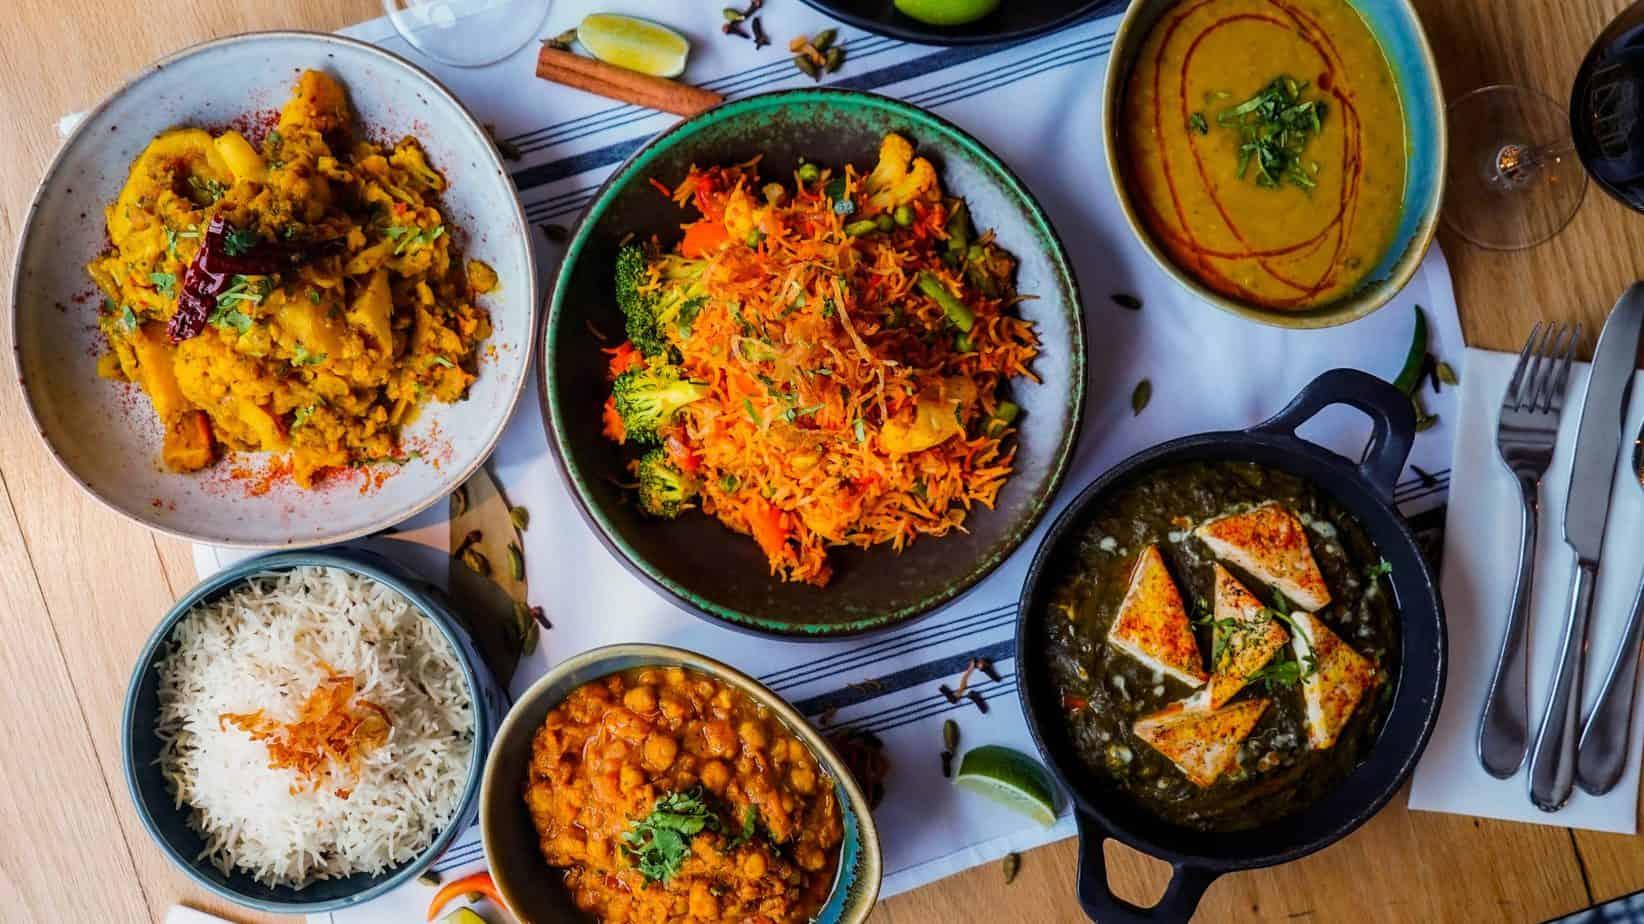 Profitez d'un RABAIS de 20$ sur notre Boîte-Repas La SEMAINE INDIENNE végétarienne qui contient 5 repas végétariens pour 2 personnes incluant Saag Paneer, Aloo Gobi, Daal Tarka, Chana Masala et Biryani aux Légumes; le tout accompagné de riz et pain Naan